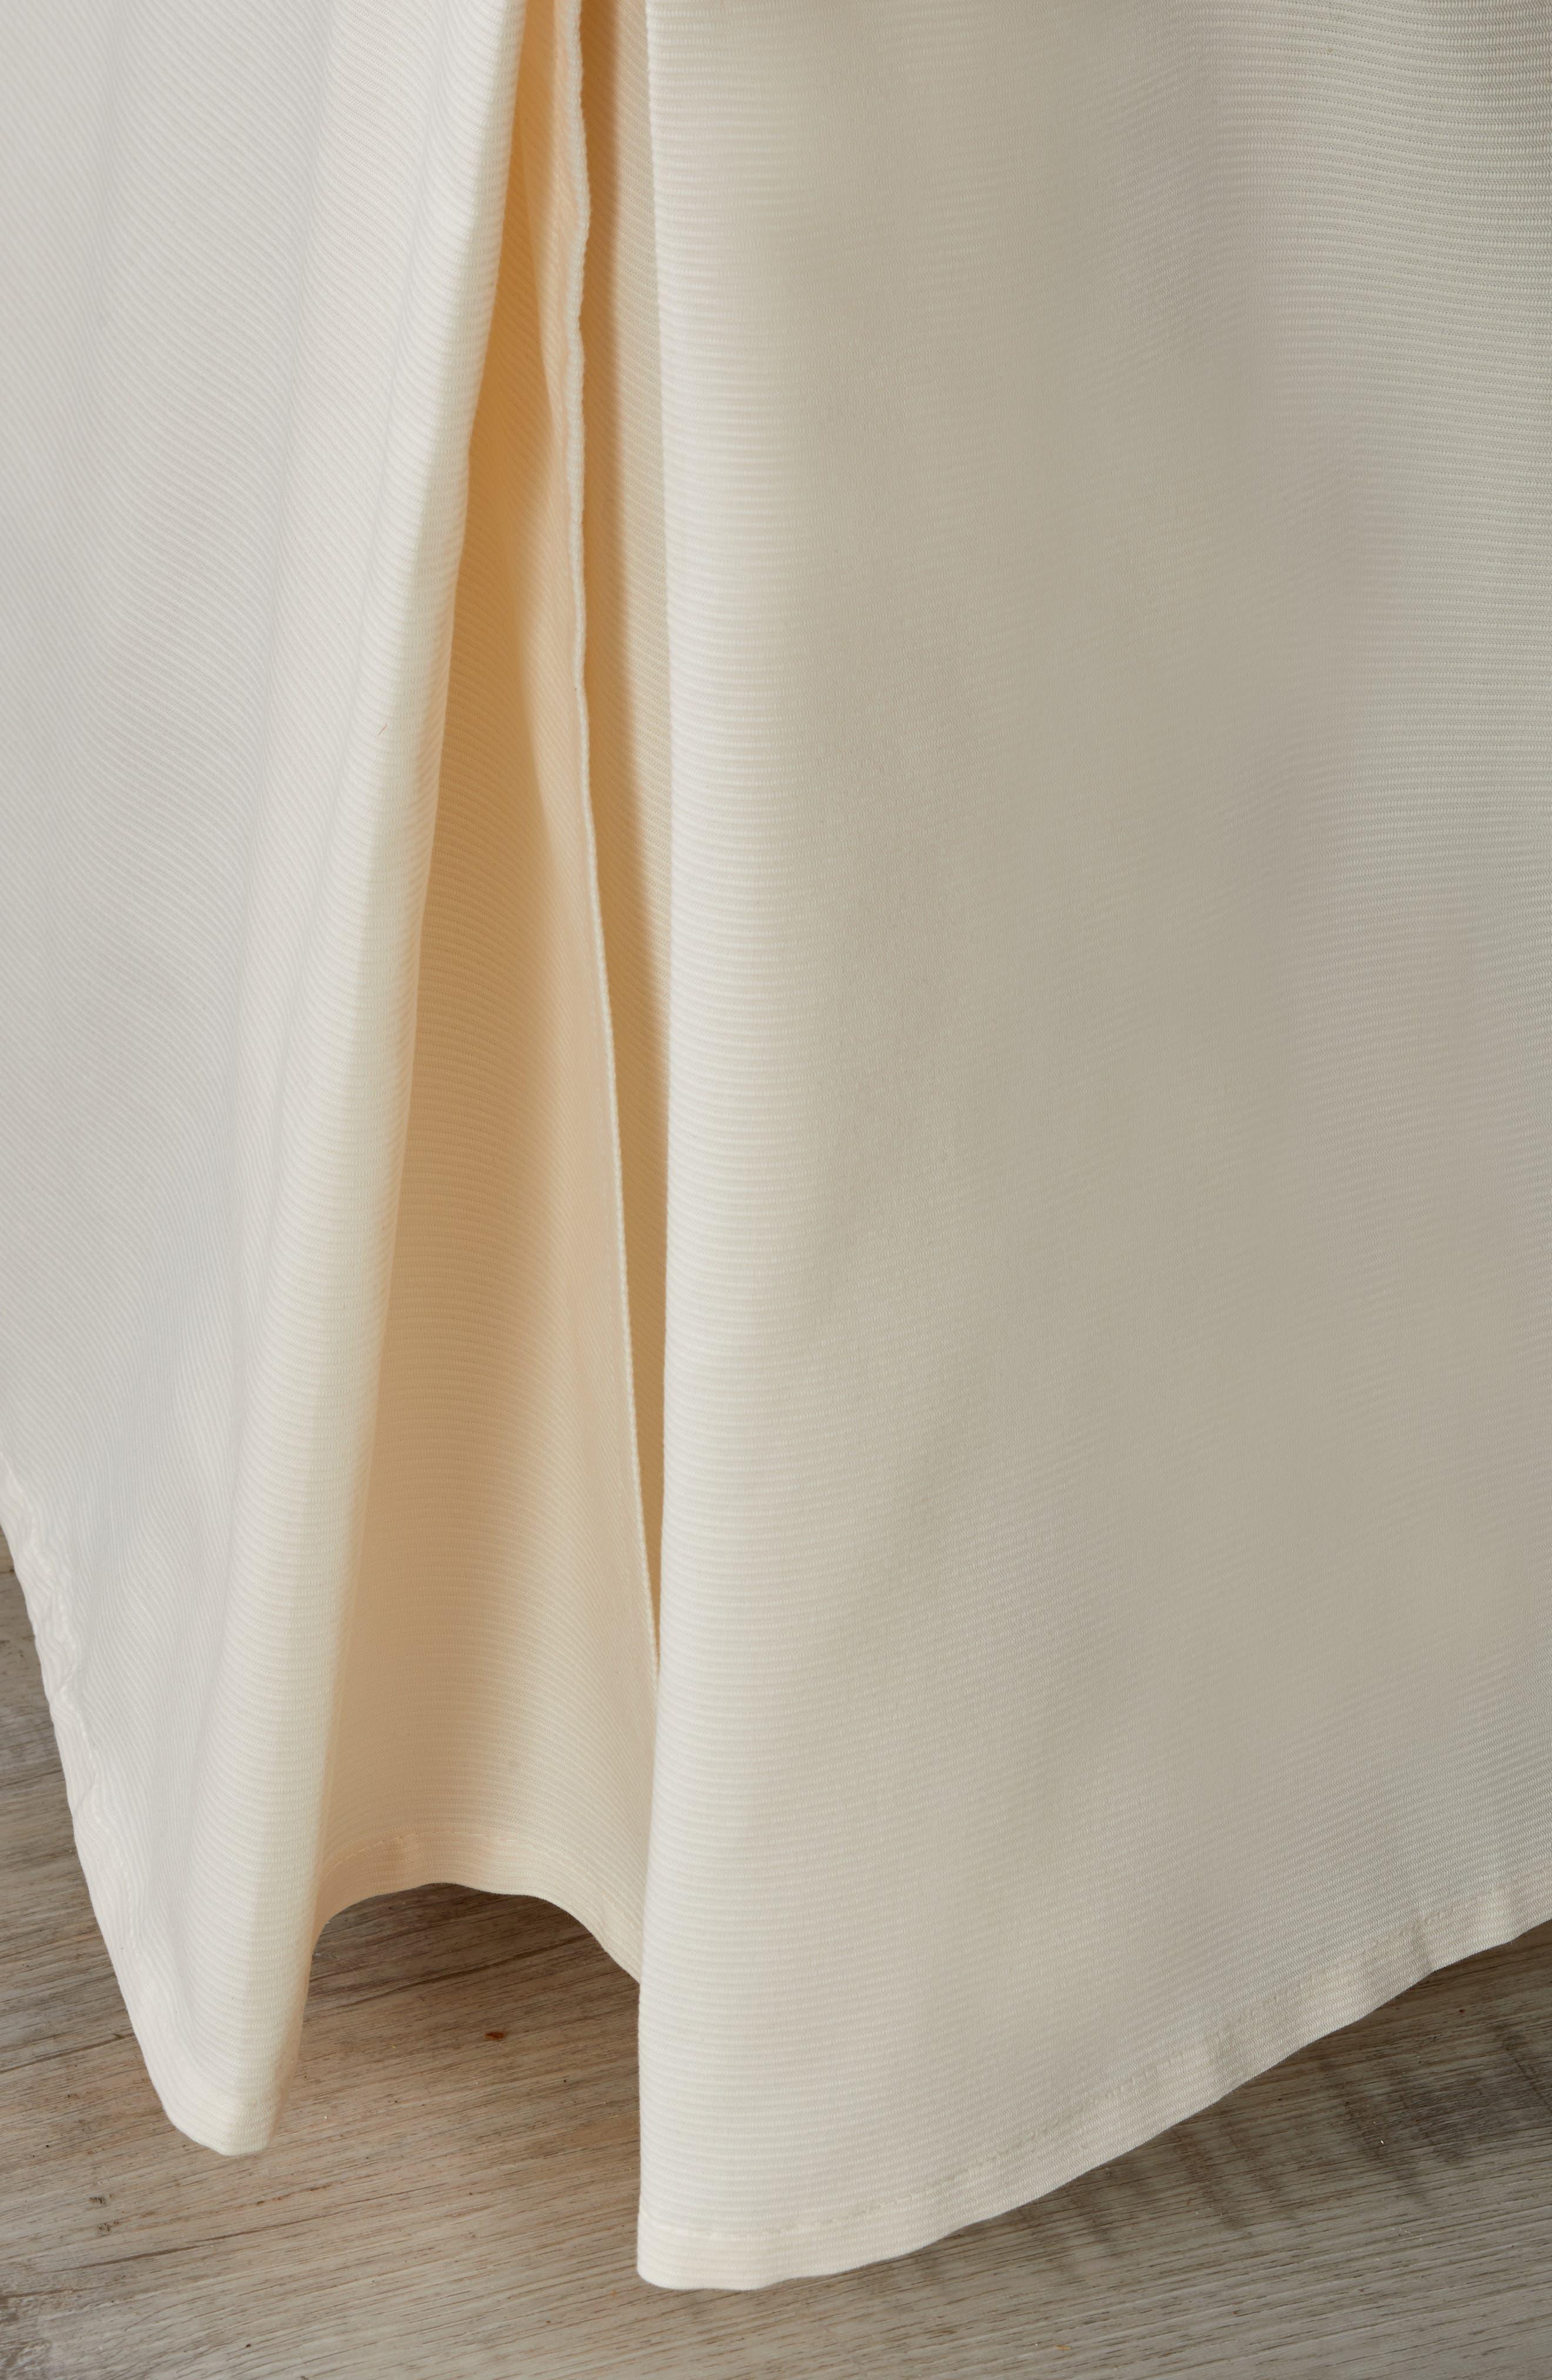 Vera Wang Woven Rib Bed Skirt